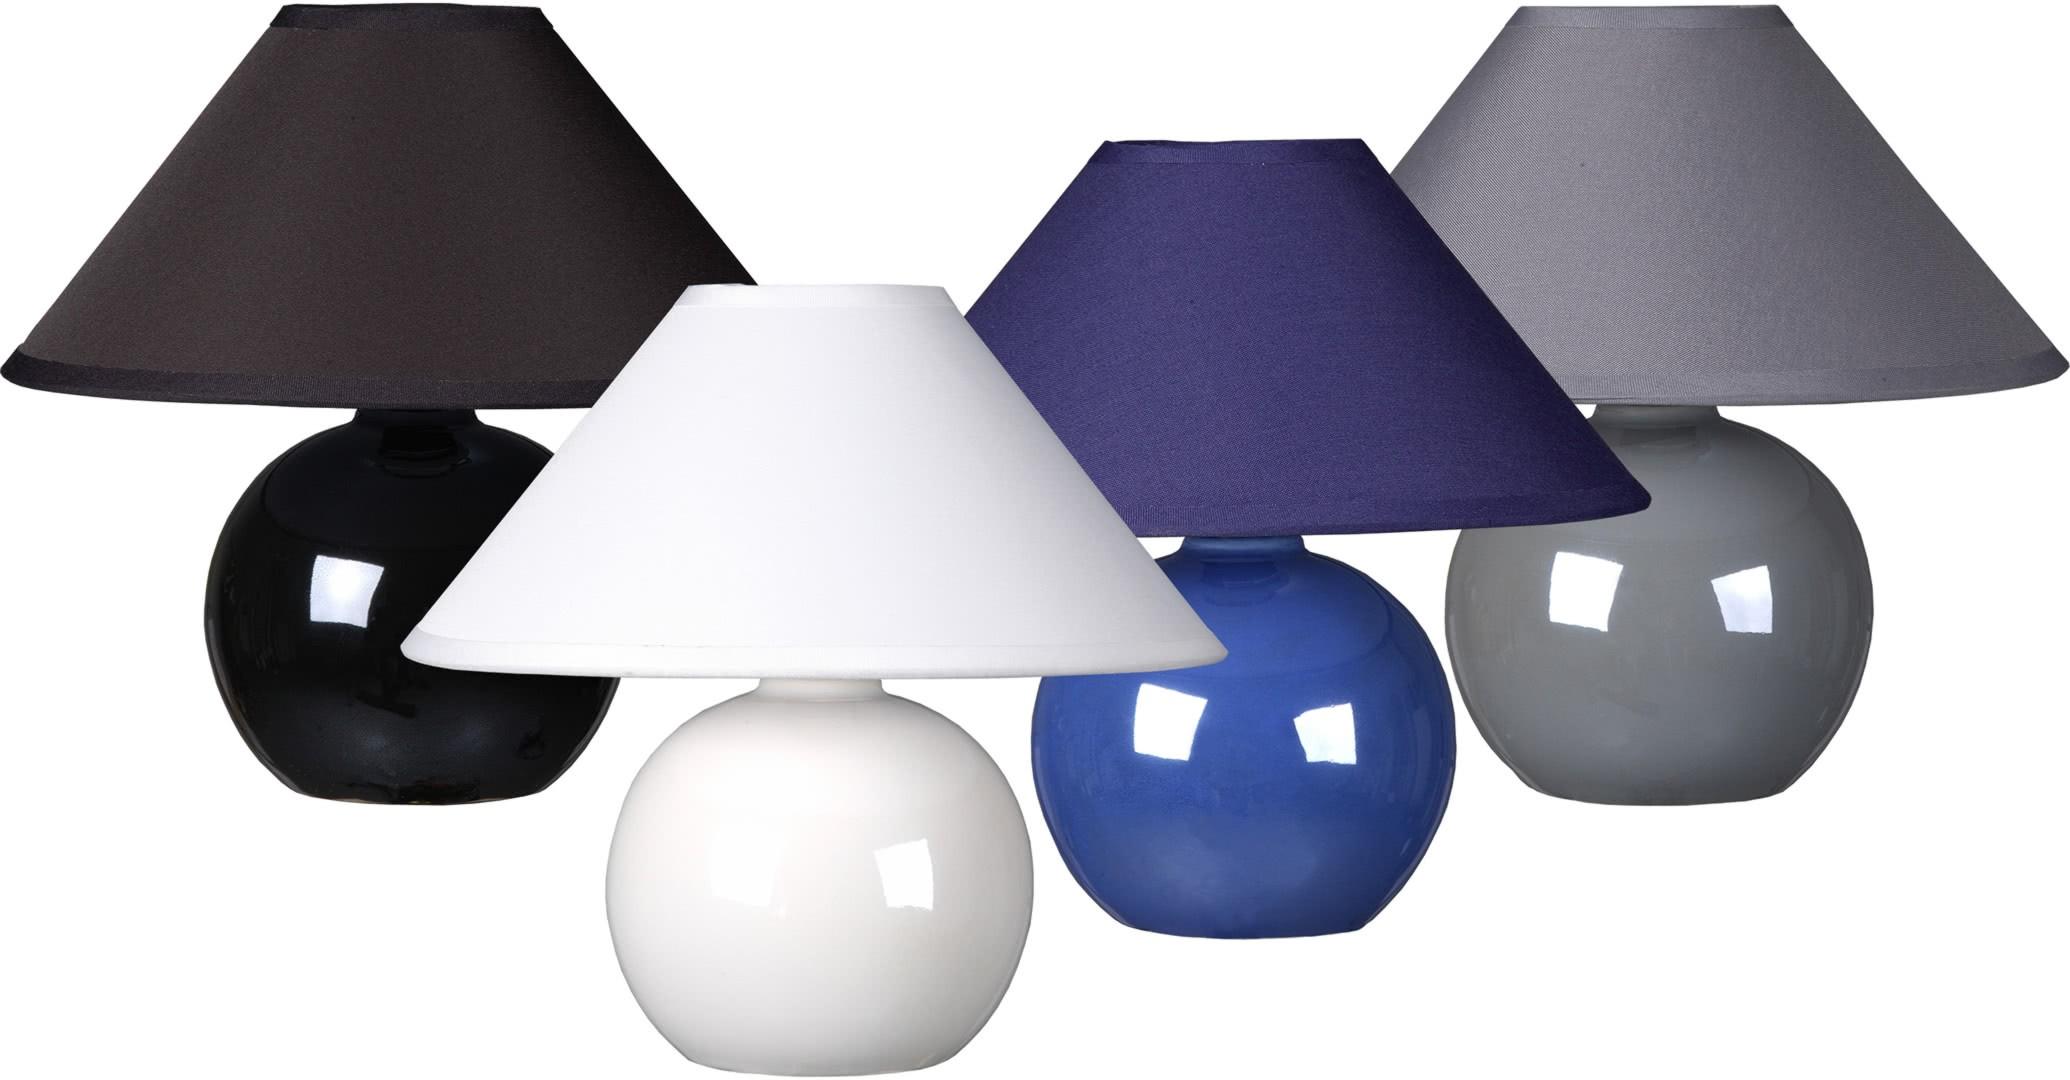 Classique Céramique Lara Lampe Table En Tissu Boule Et Blanc De 5Lc34RqAj